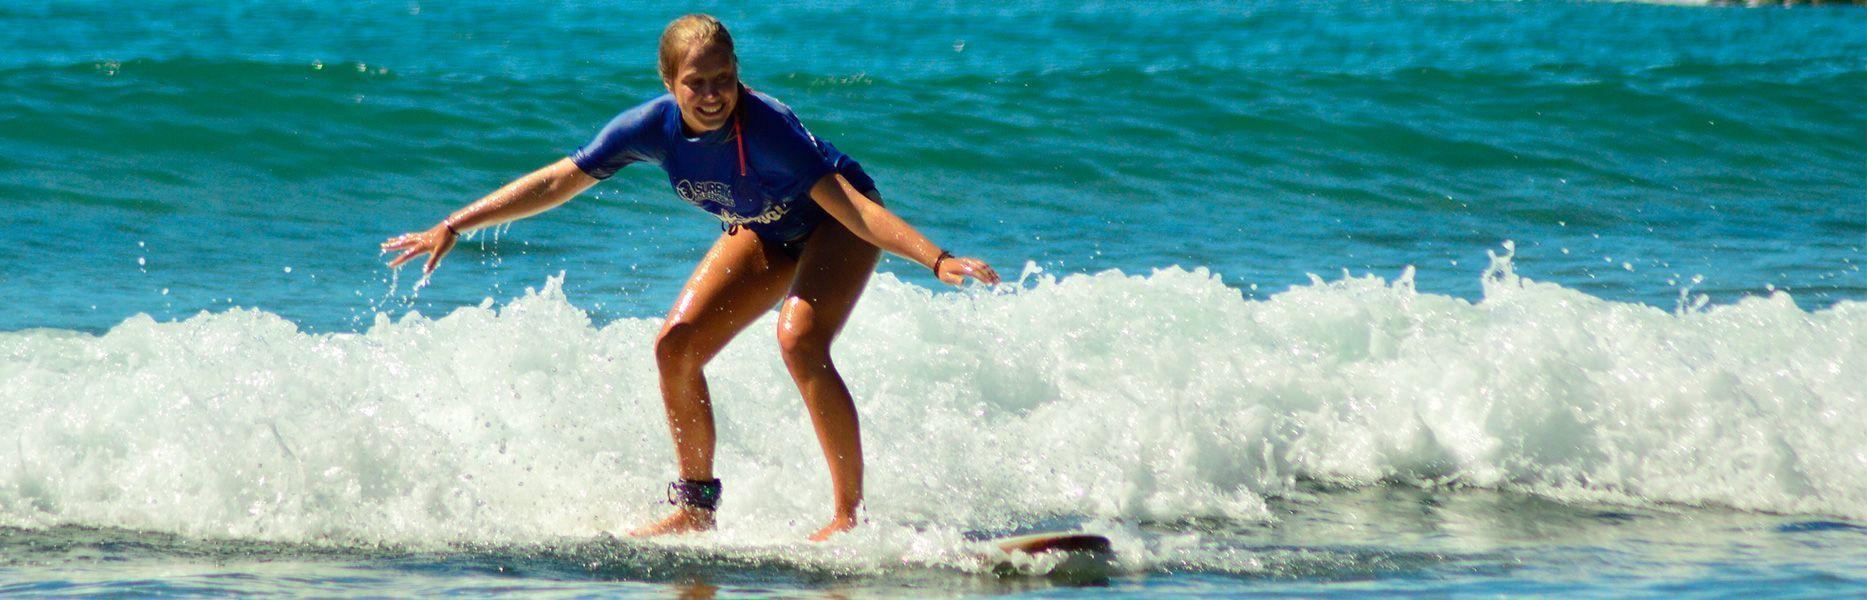 learn-surf-spain